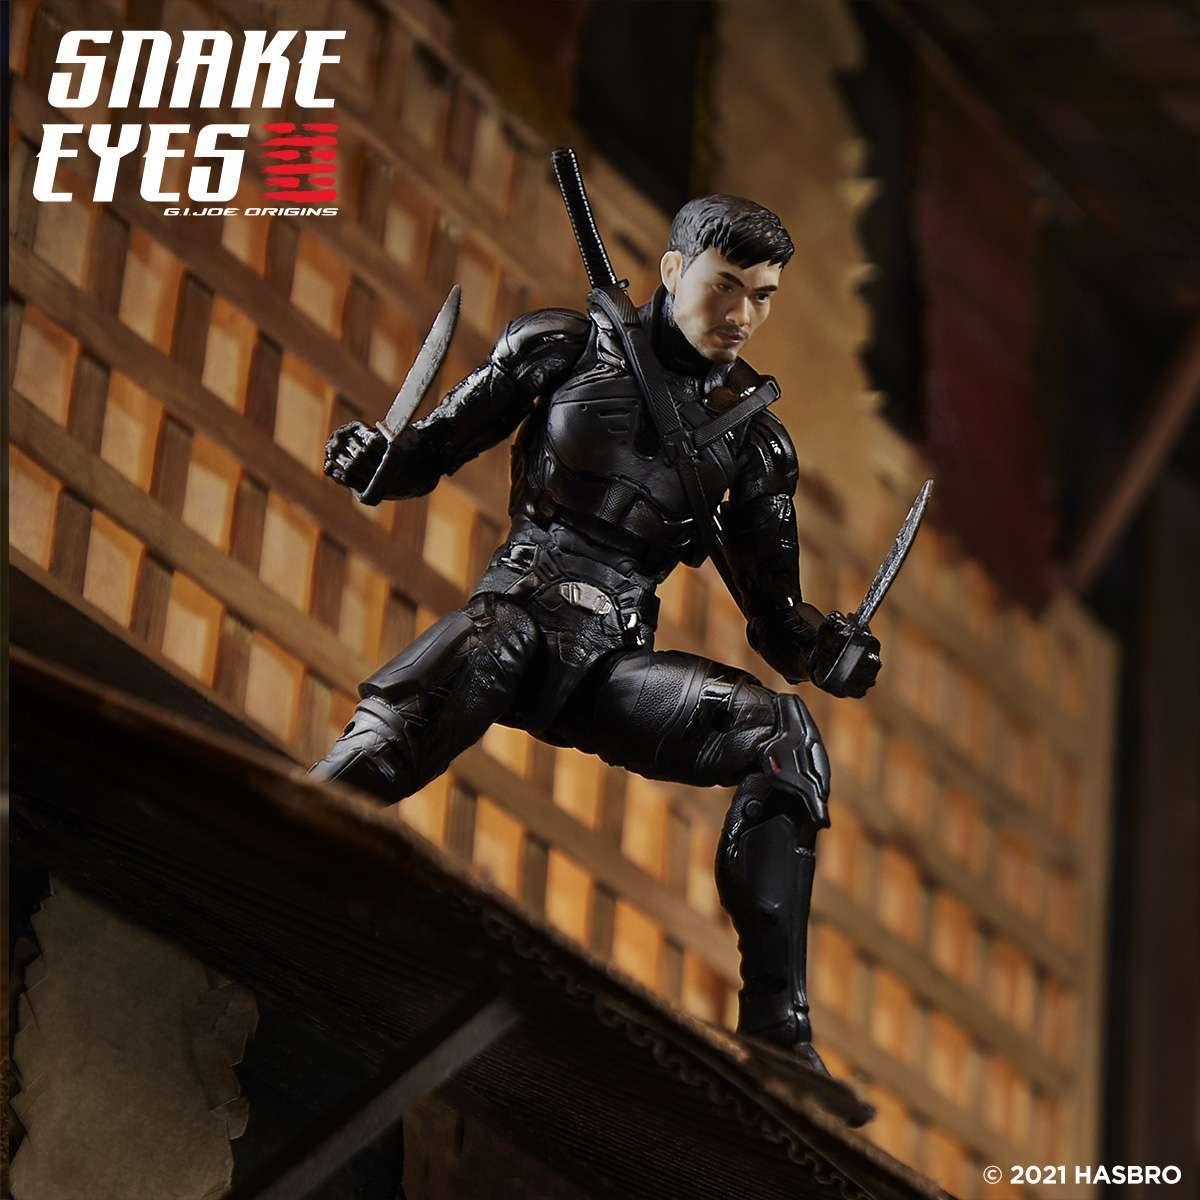 GIJ CS Snake Eyes 5